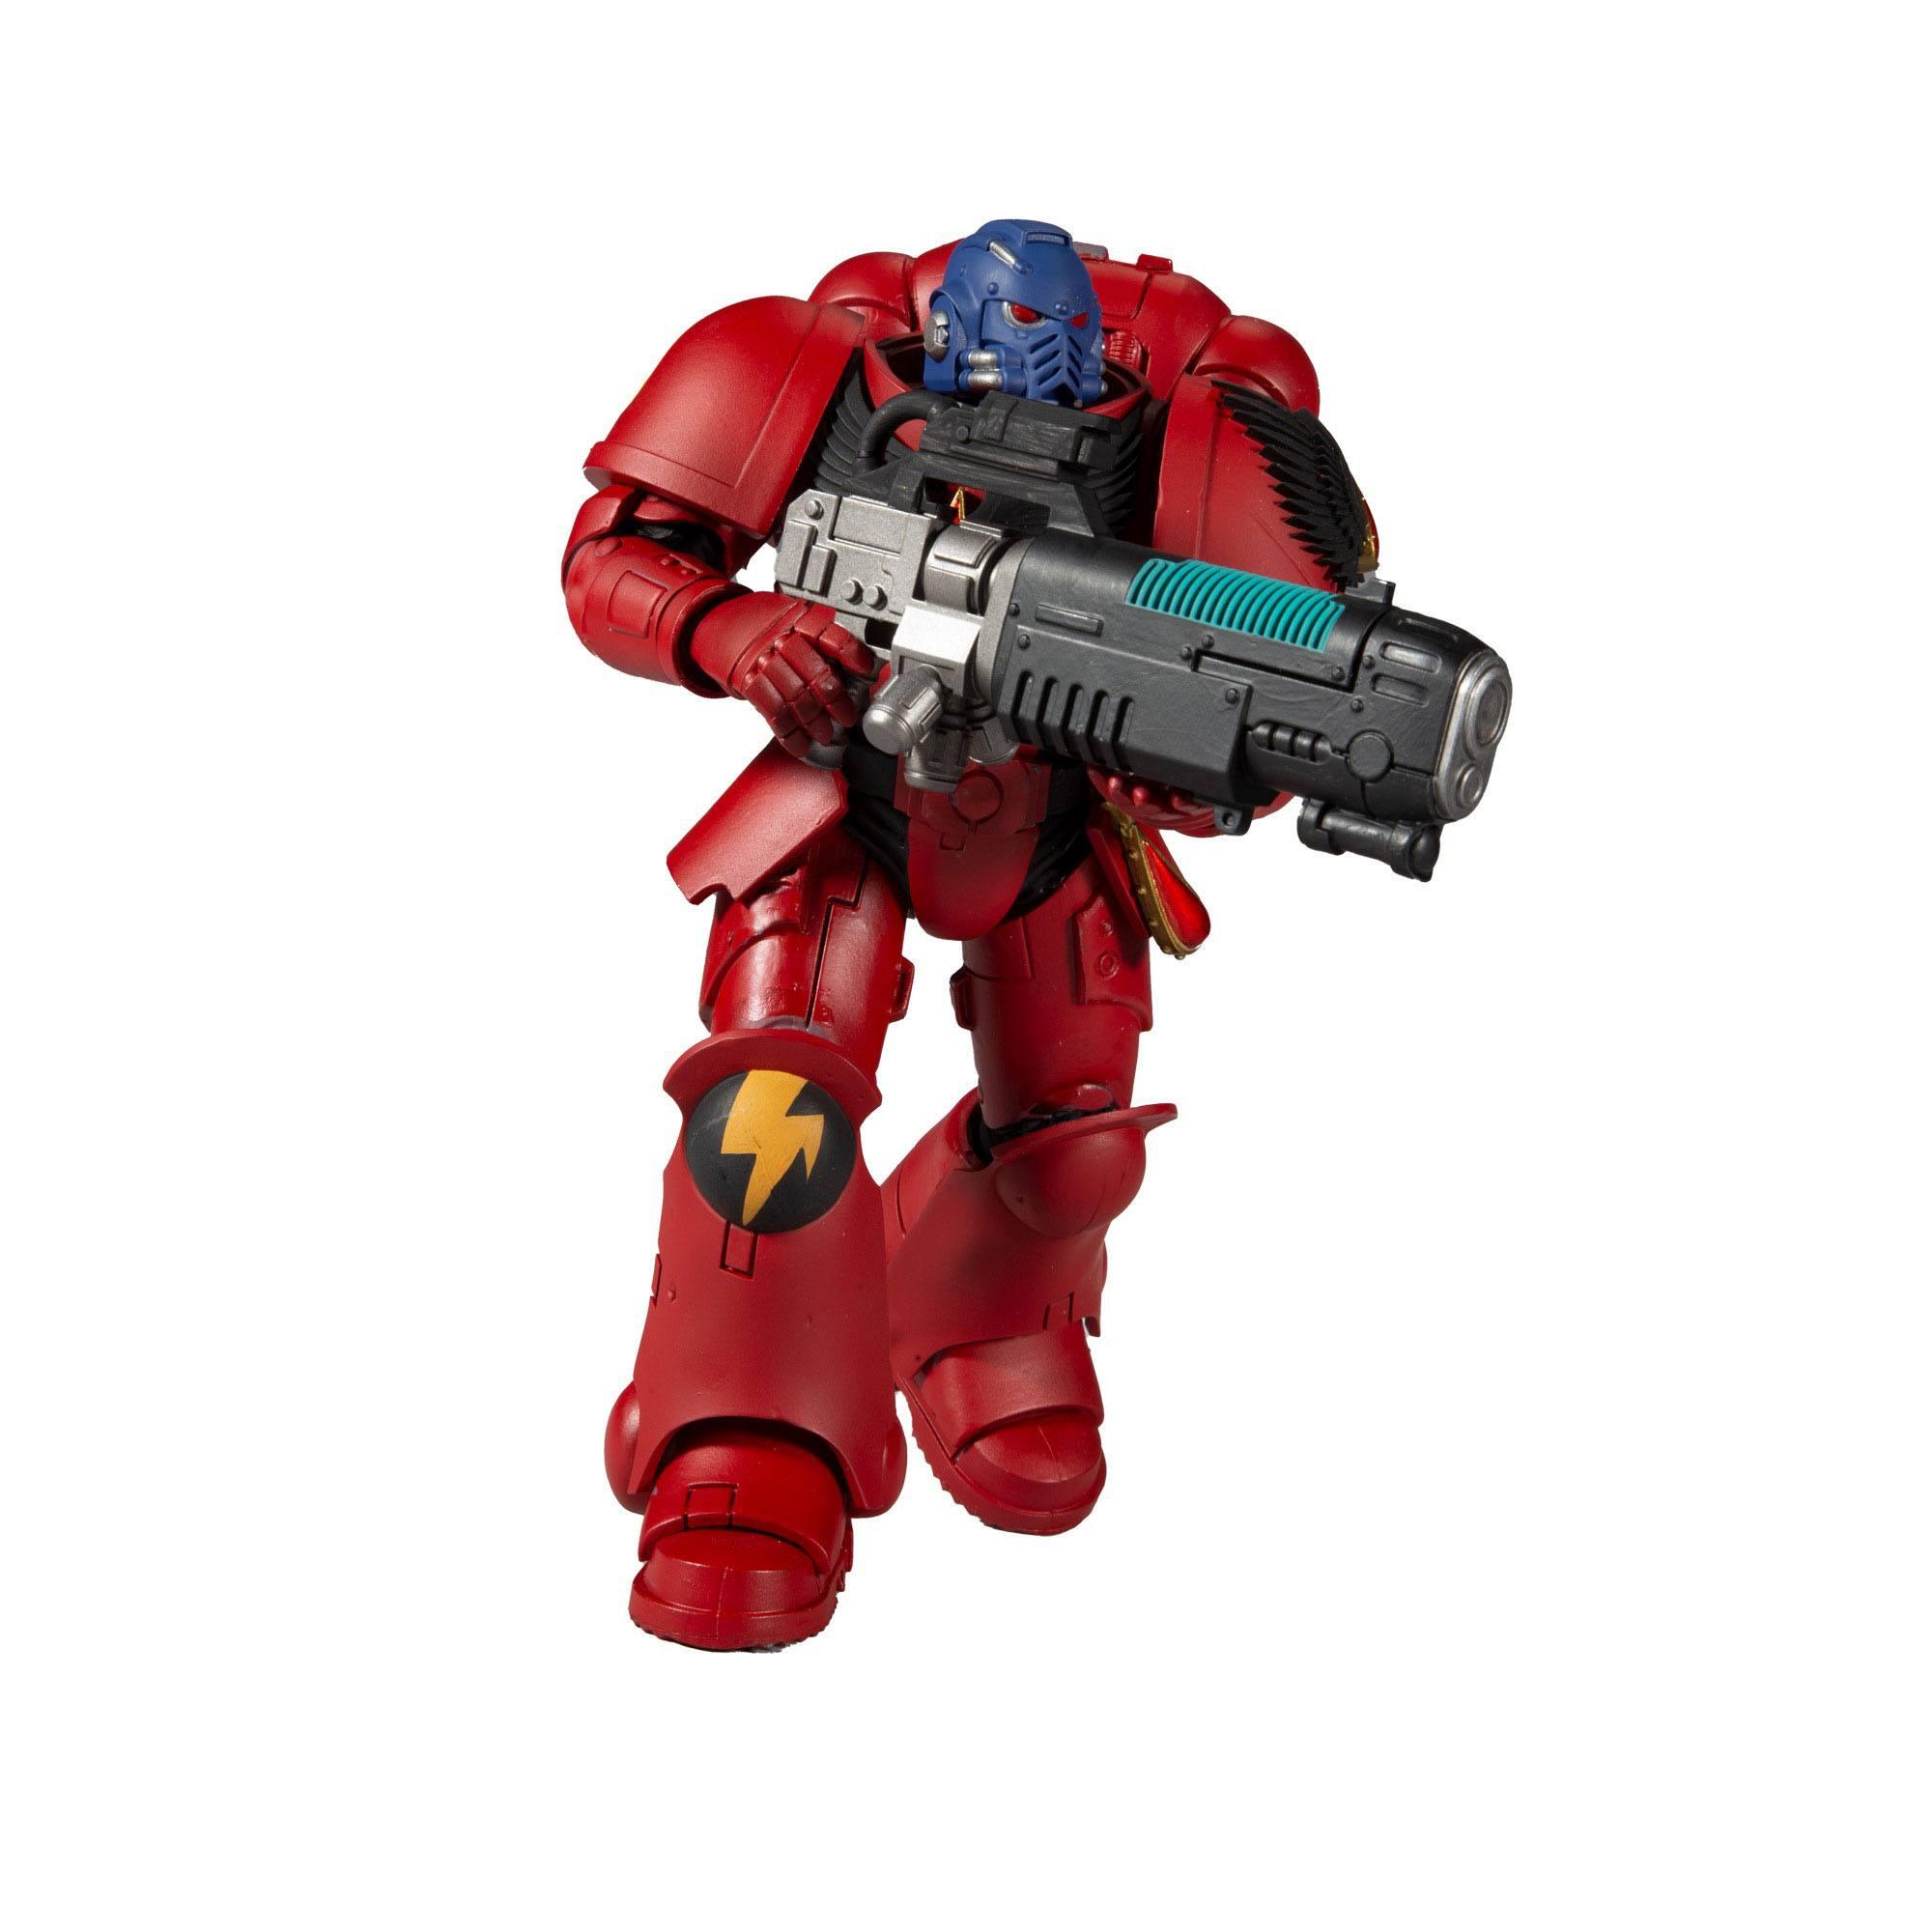 Warhammer 40k Actionfigur Blood Angels Hellblaster 18 cm MCF10916-0 787926109160